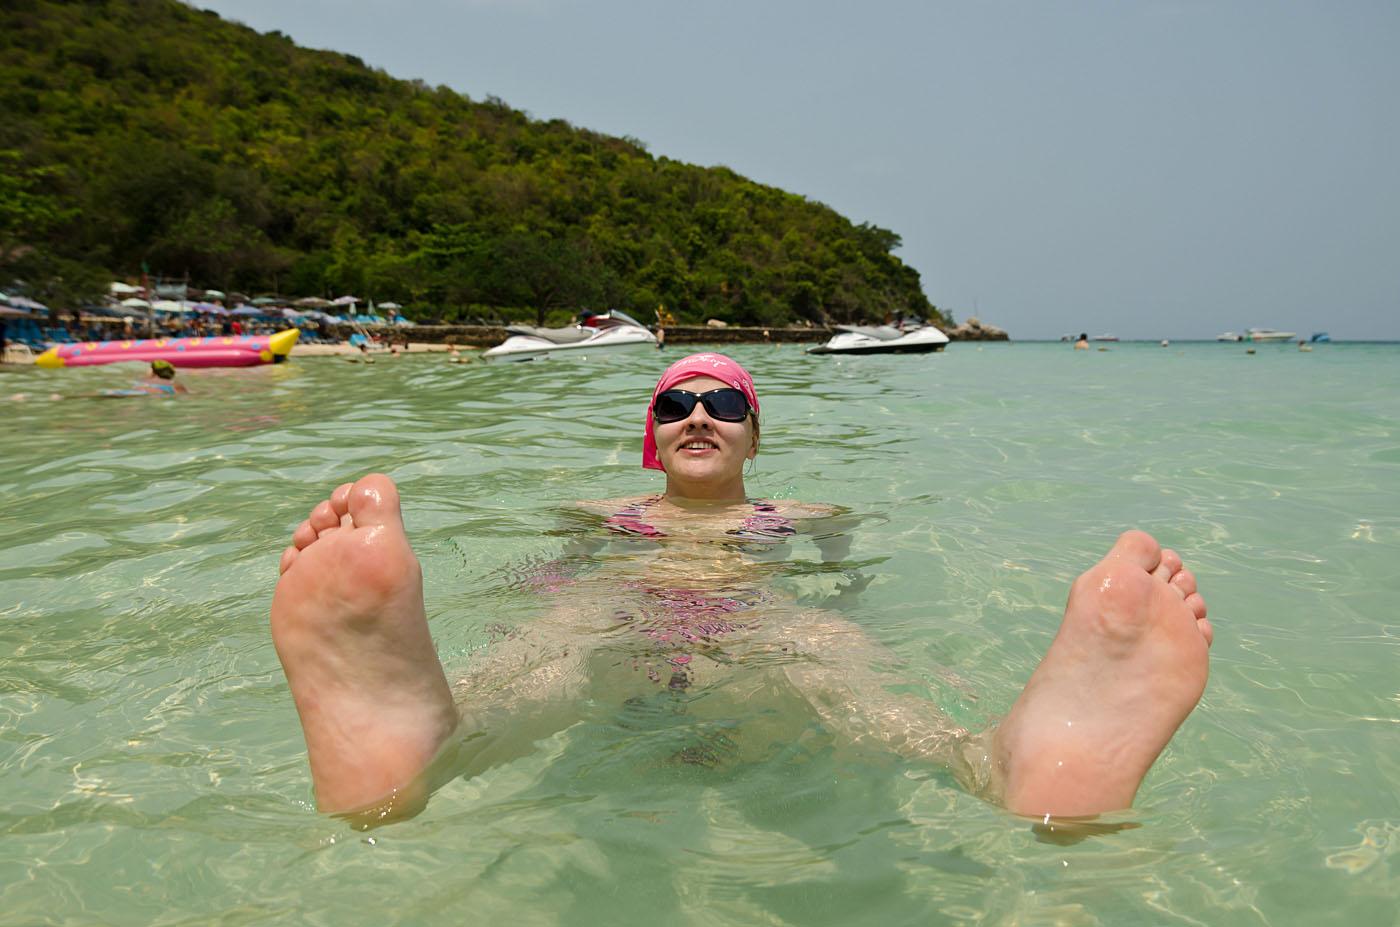 12. Отдых на пляже Таваен (Tawaen beach) на острове Ко Лан в окрестнотсях Паттайи. Отдых в Таиланде. Отзывы туристов. Портрет, снятый на ширик Samyang 14/2.8. Фотоаппарат Nikon D5100 body. Настройки фотокамеры: 1/1600 сек, 0 eV, А, диафрагма f/4.5, фокусное расстояние 14 мм, ИСО 100